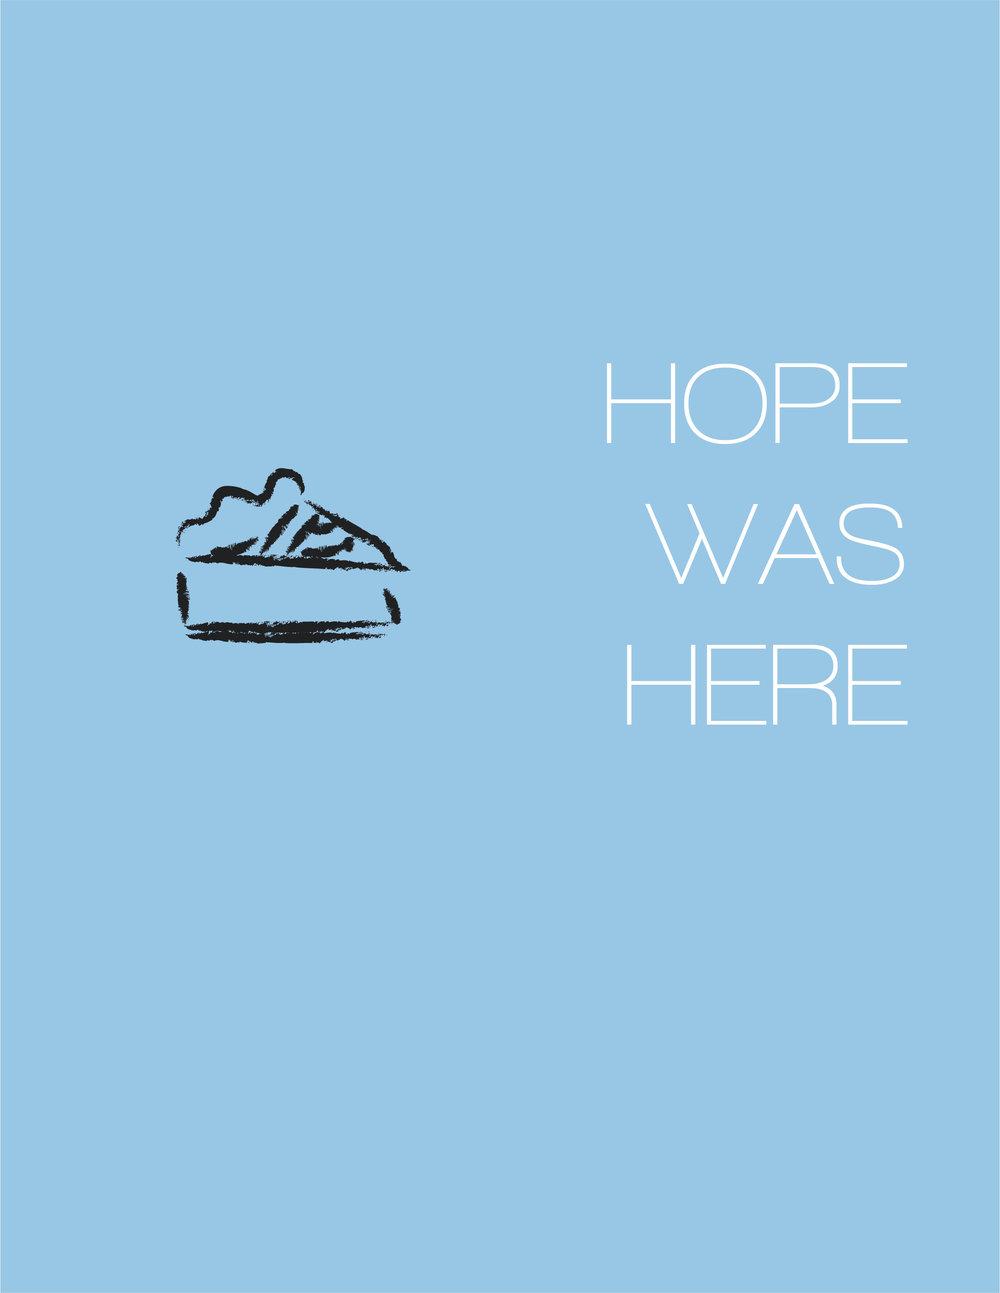 hopewashere.jpg